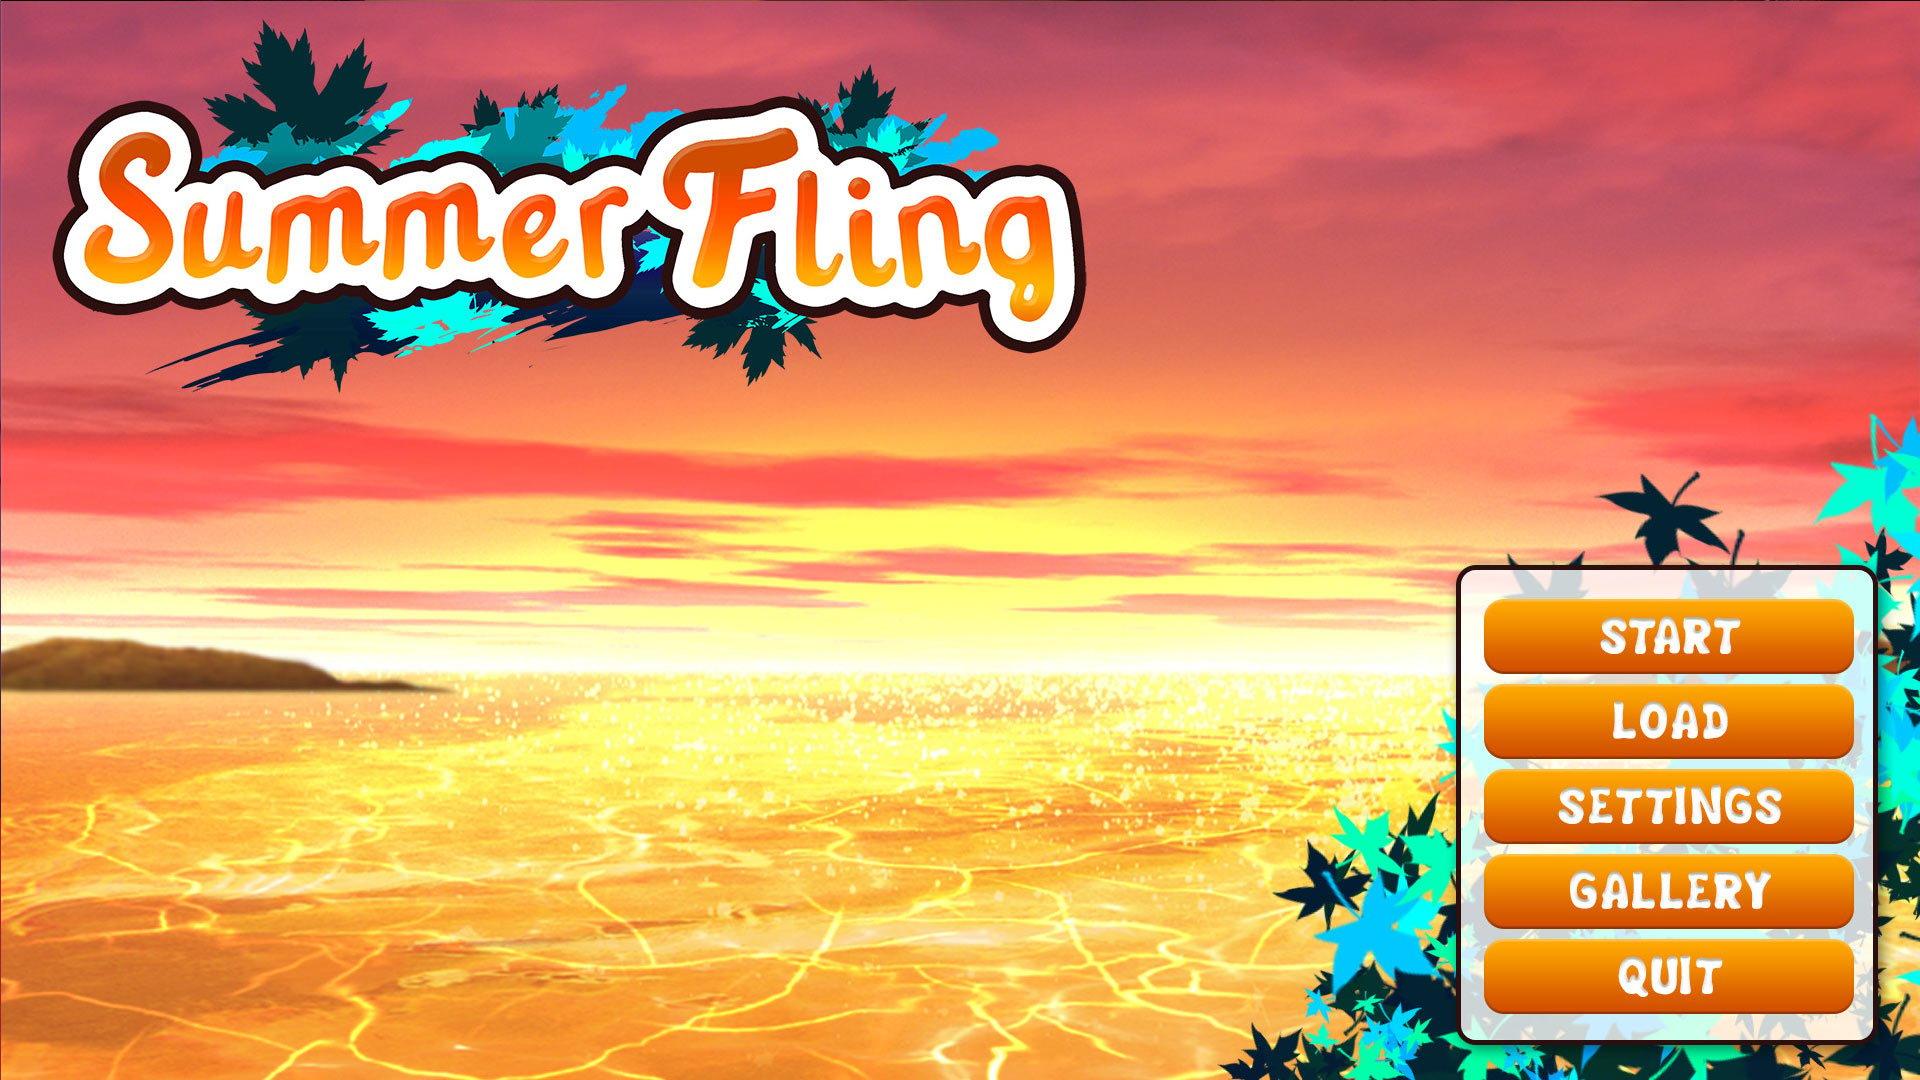 Summer Fling game image